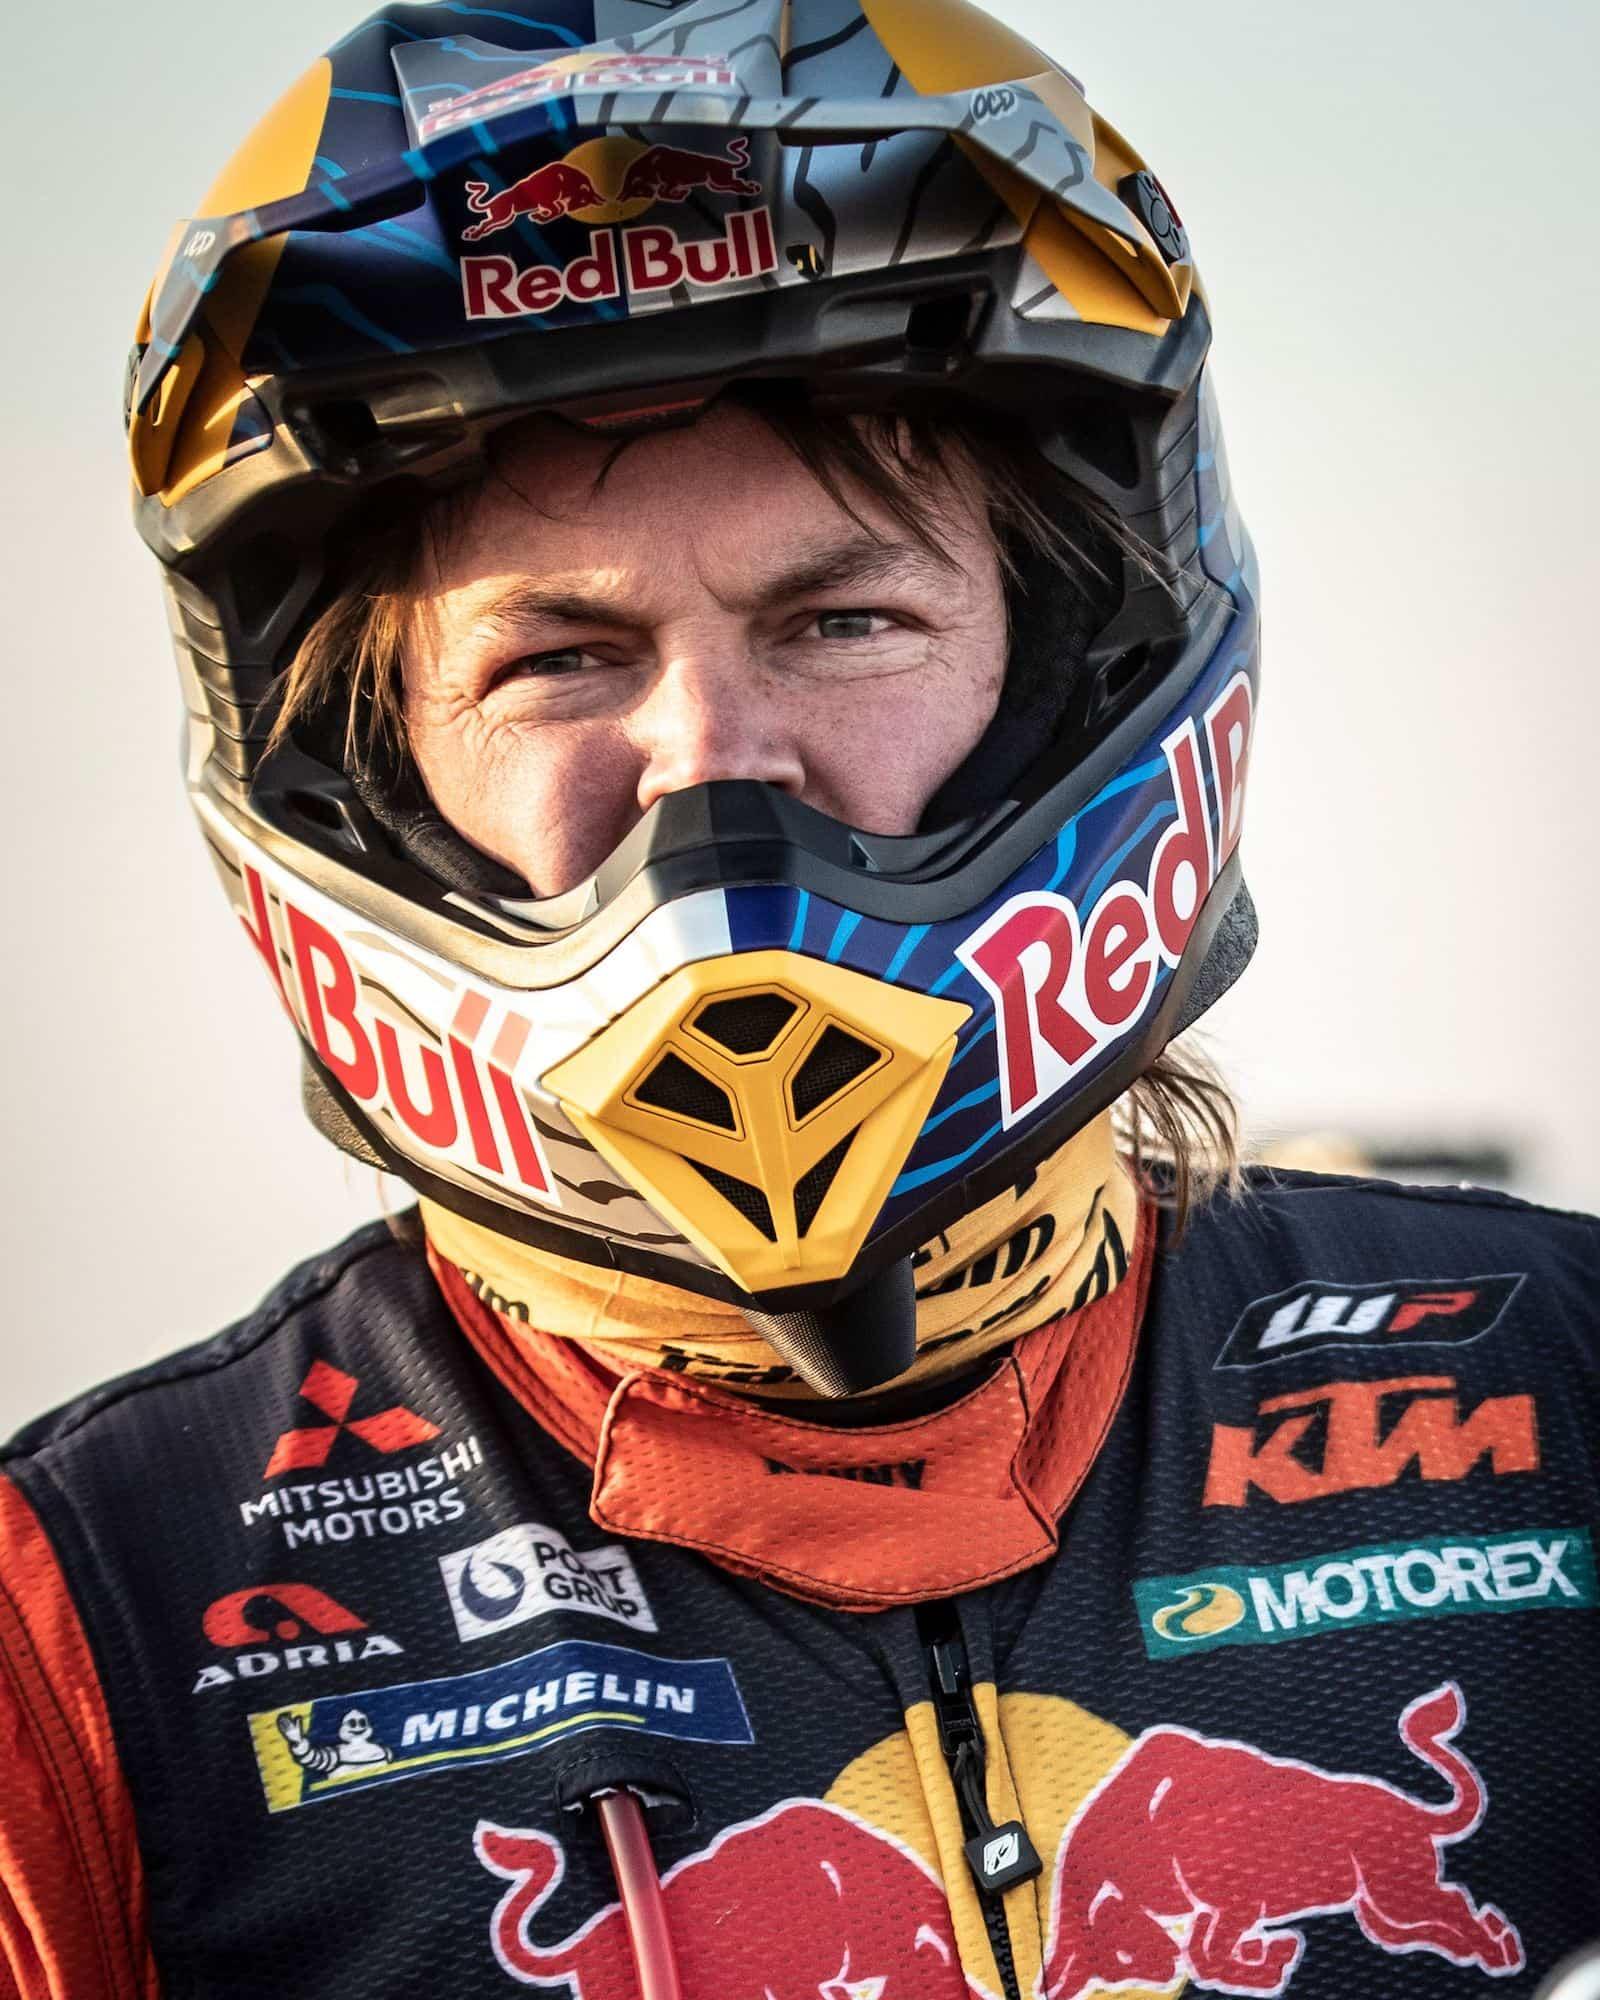 レッドブル・KTMファクトリー・レーシング トビー・プライスが鎖骨を骨折しリタイア